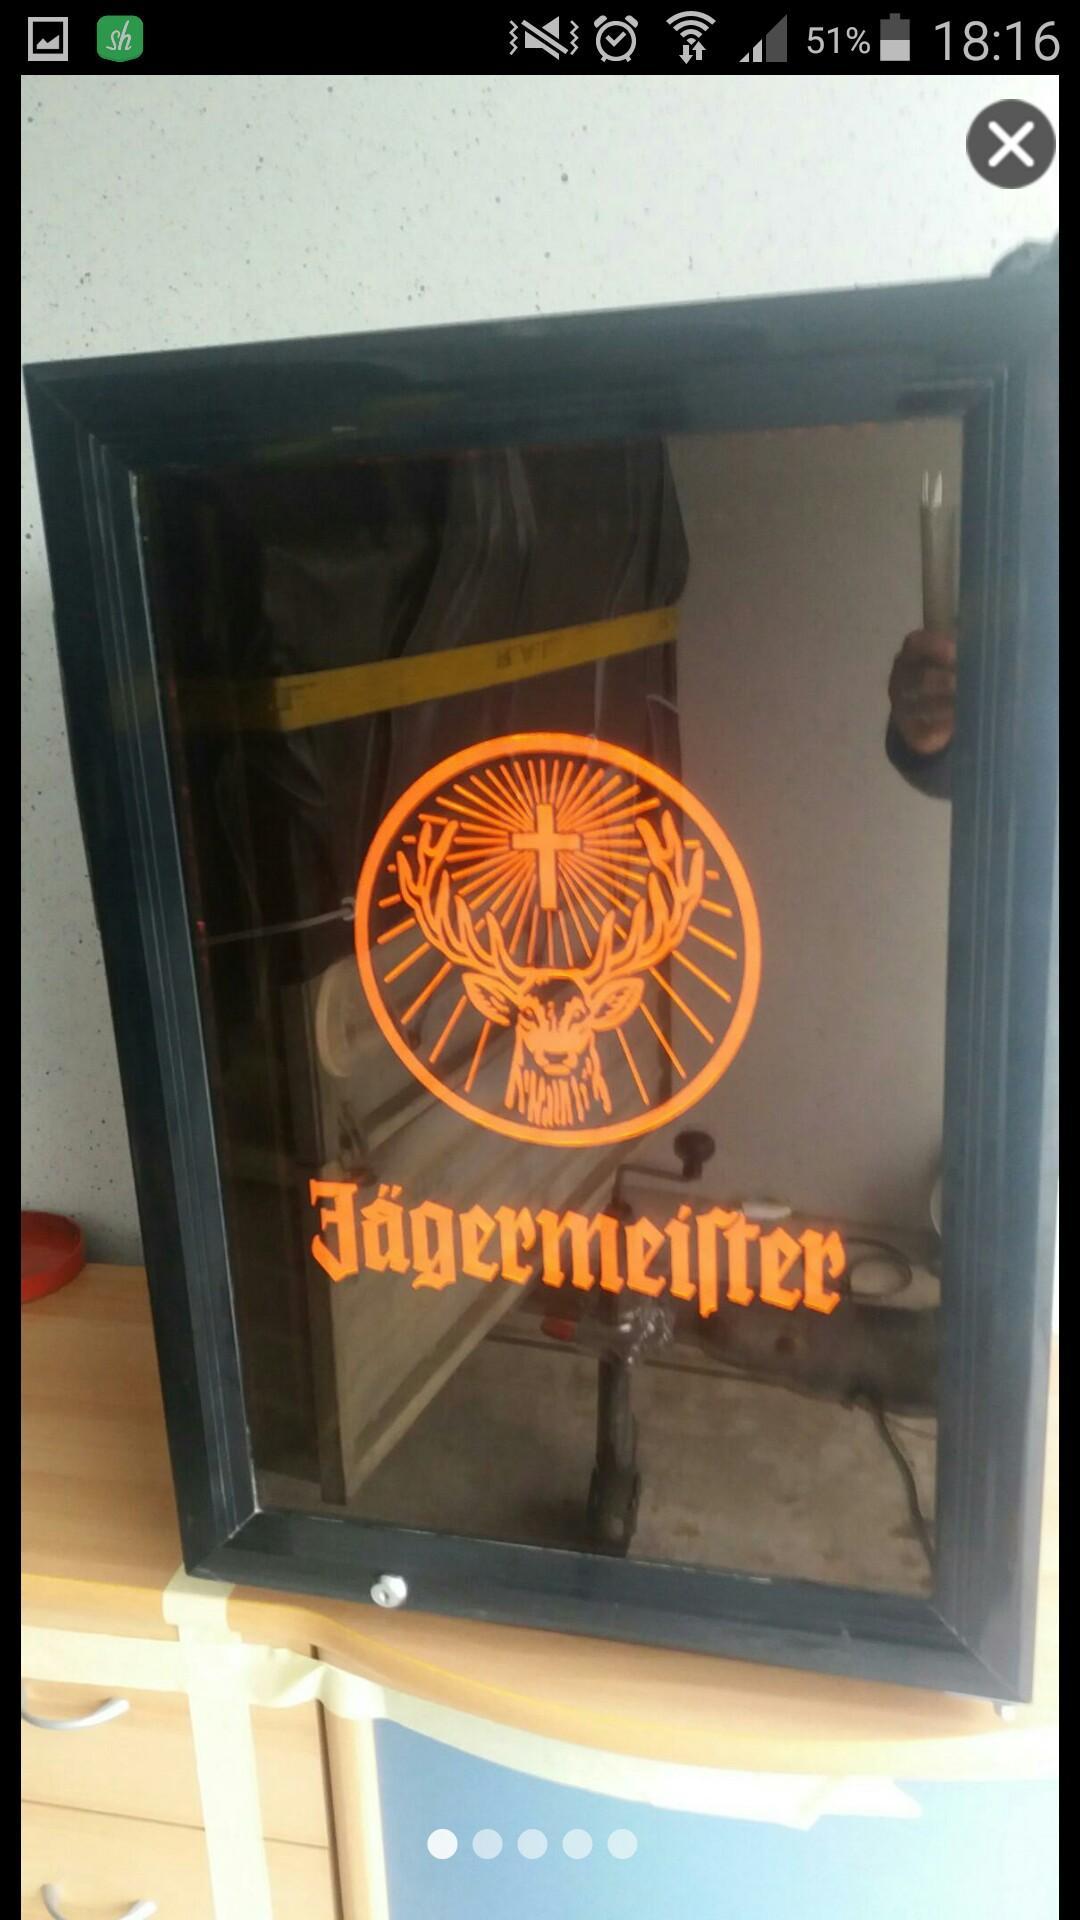 Kleiner Kühlschrank Jägermeister : Husky kühlschrank heineken design posot kleinanzeigen